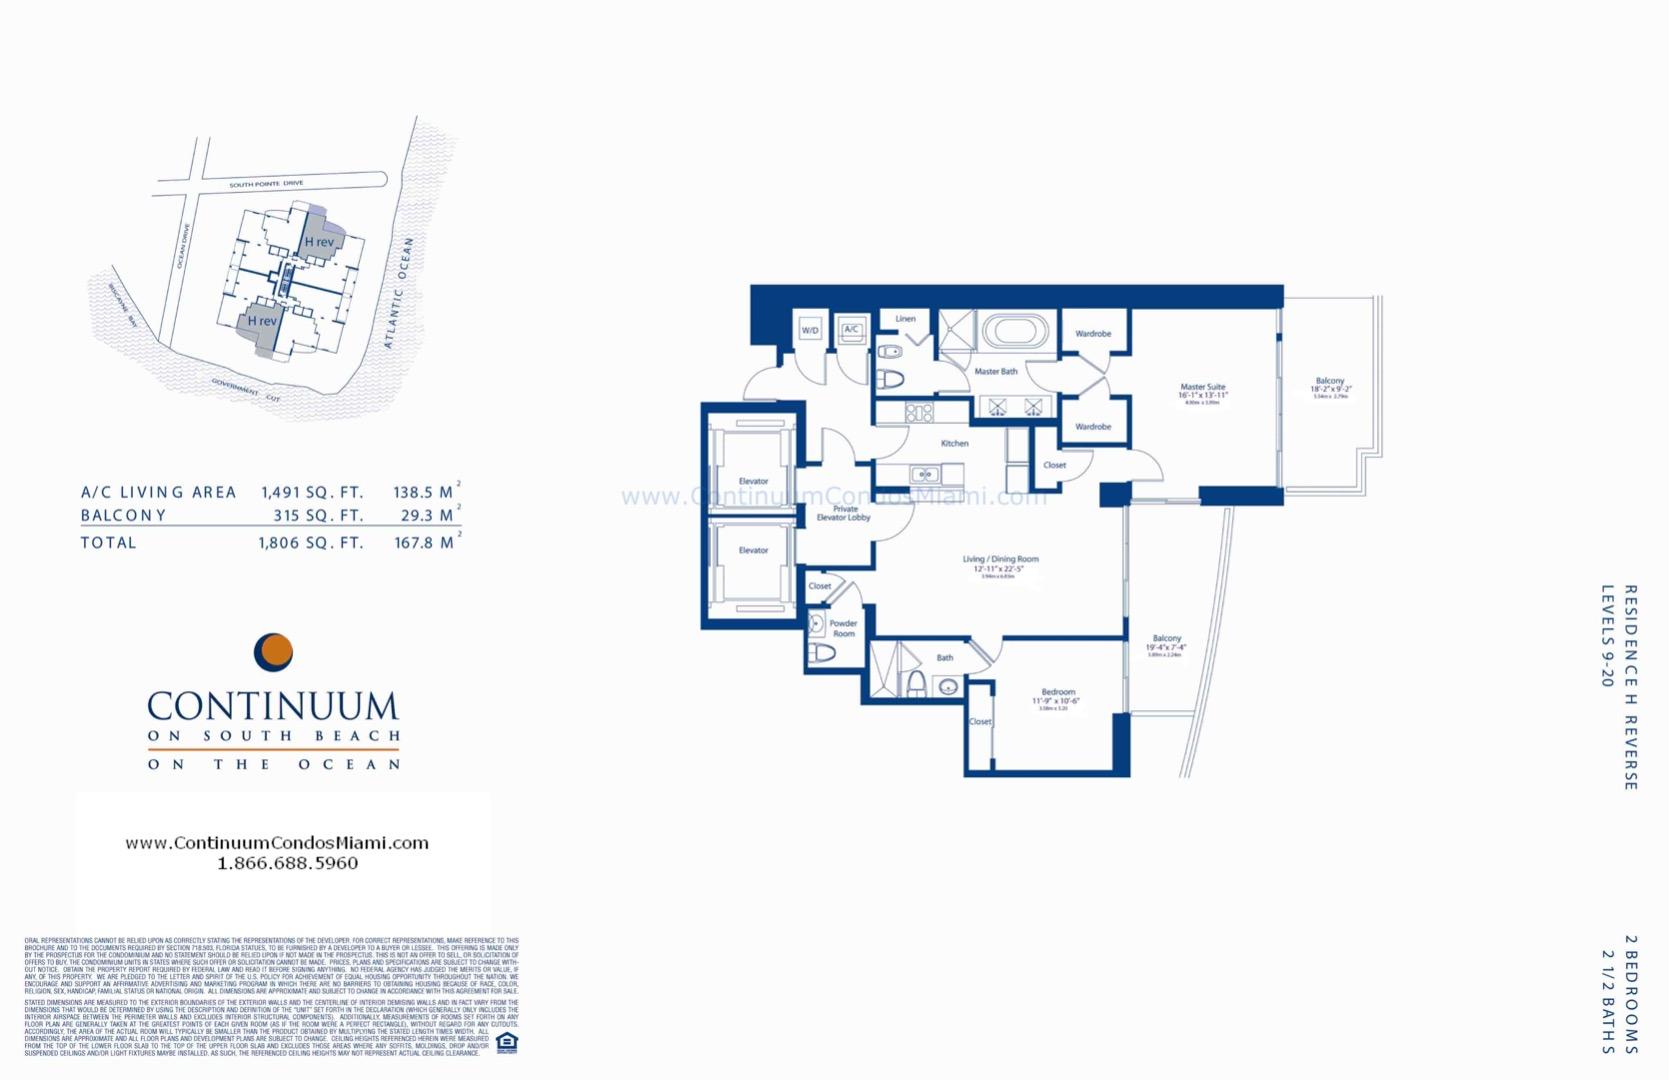 Floor plan image H-reversed-MOD - 2/2/1  - 1491 sqft image